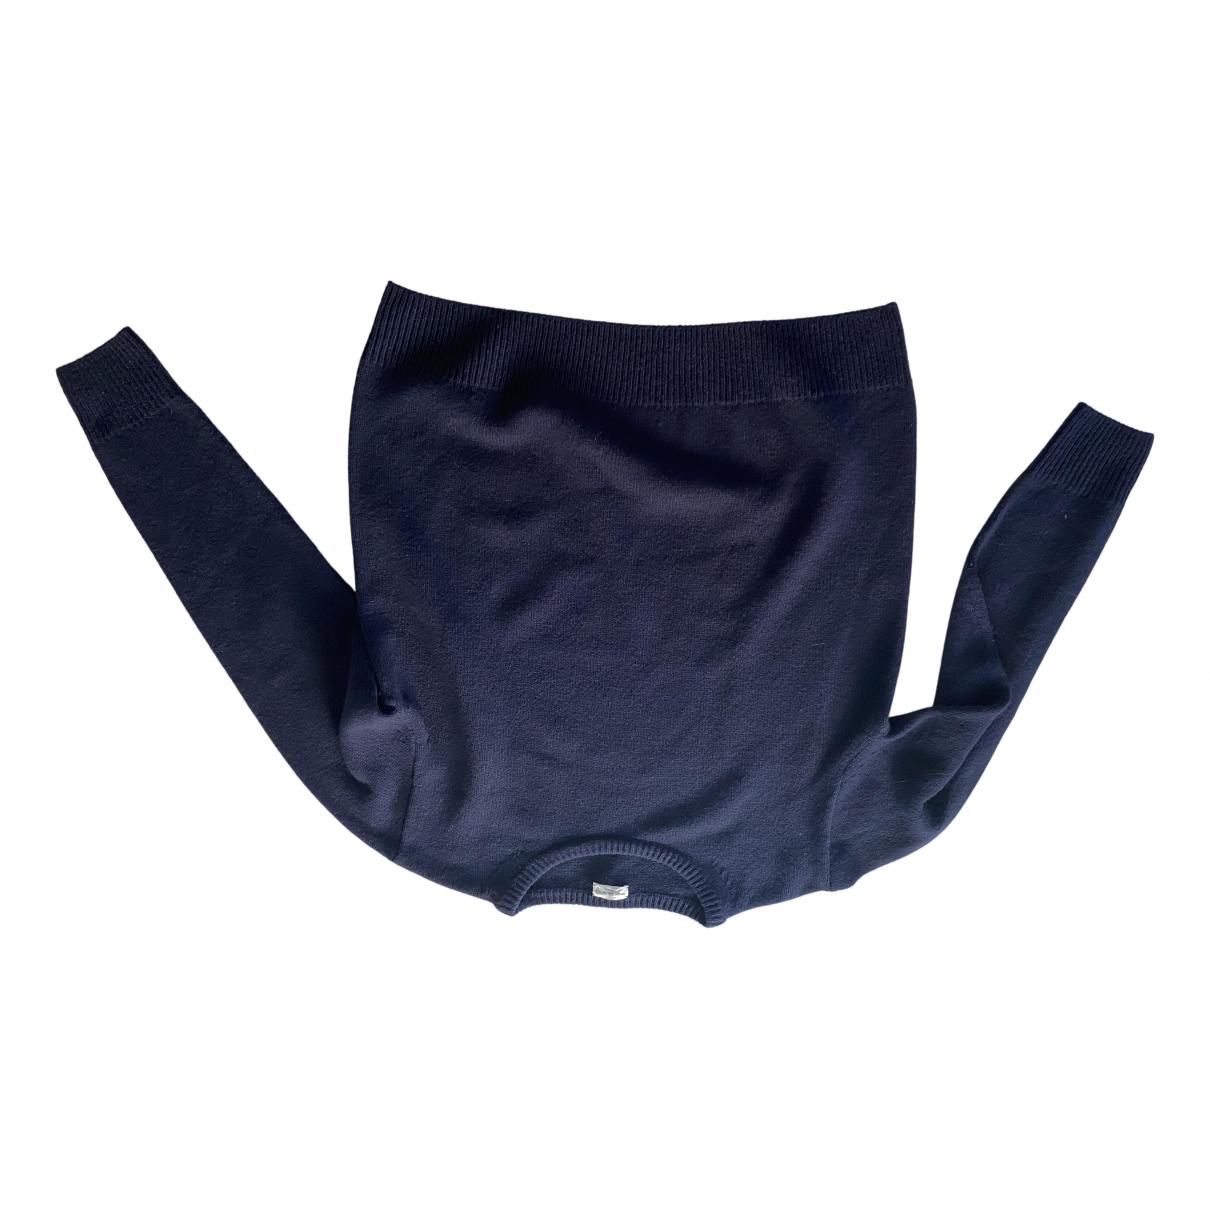 Dries Van Noten \N Blue Wool Knitwear for Women M International